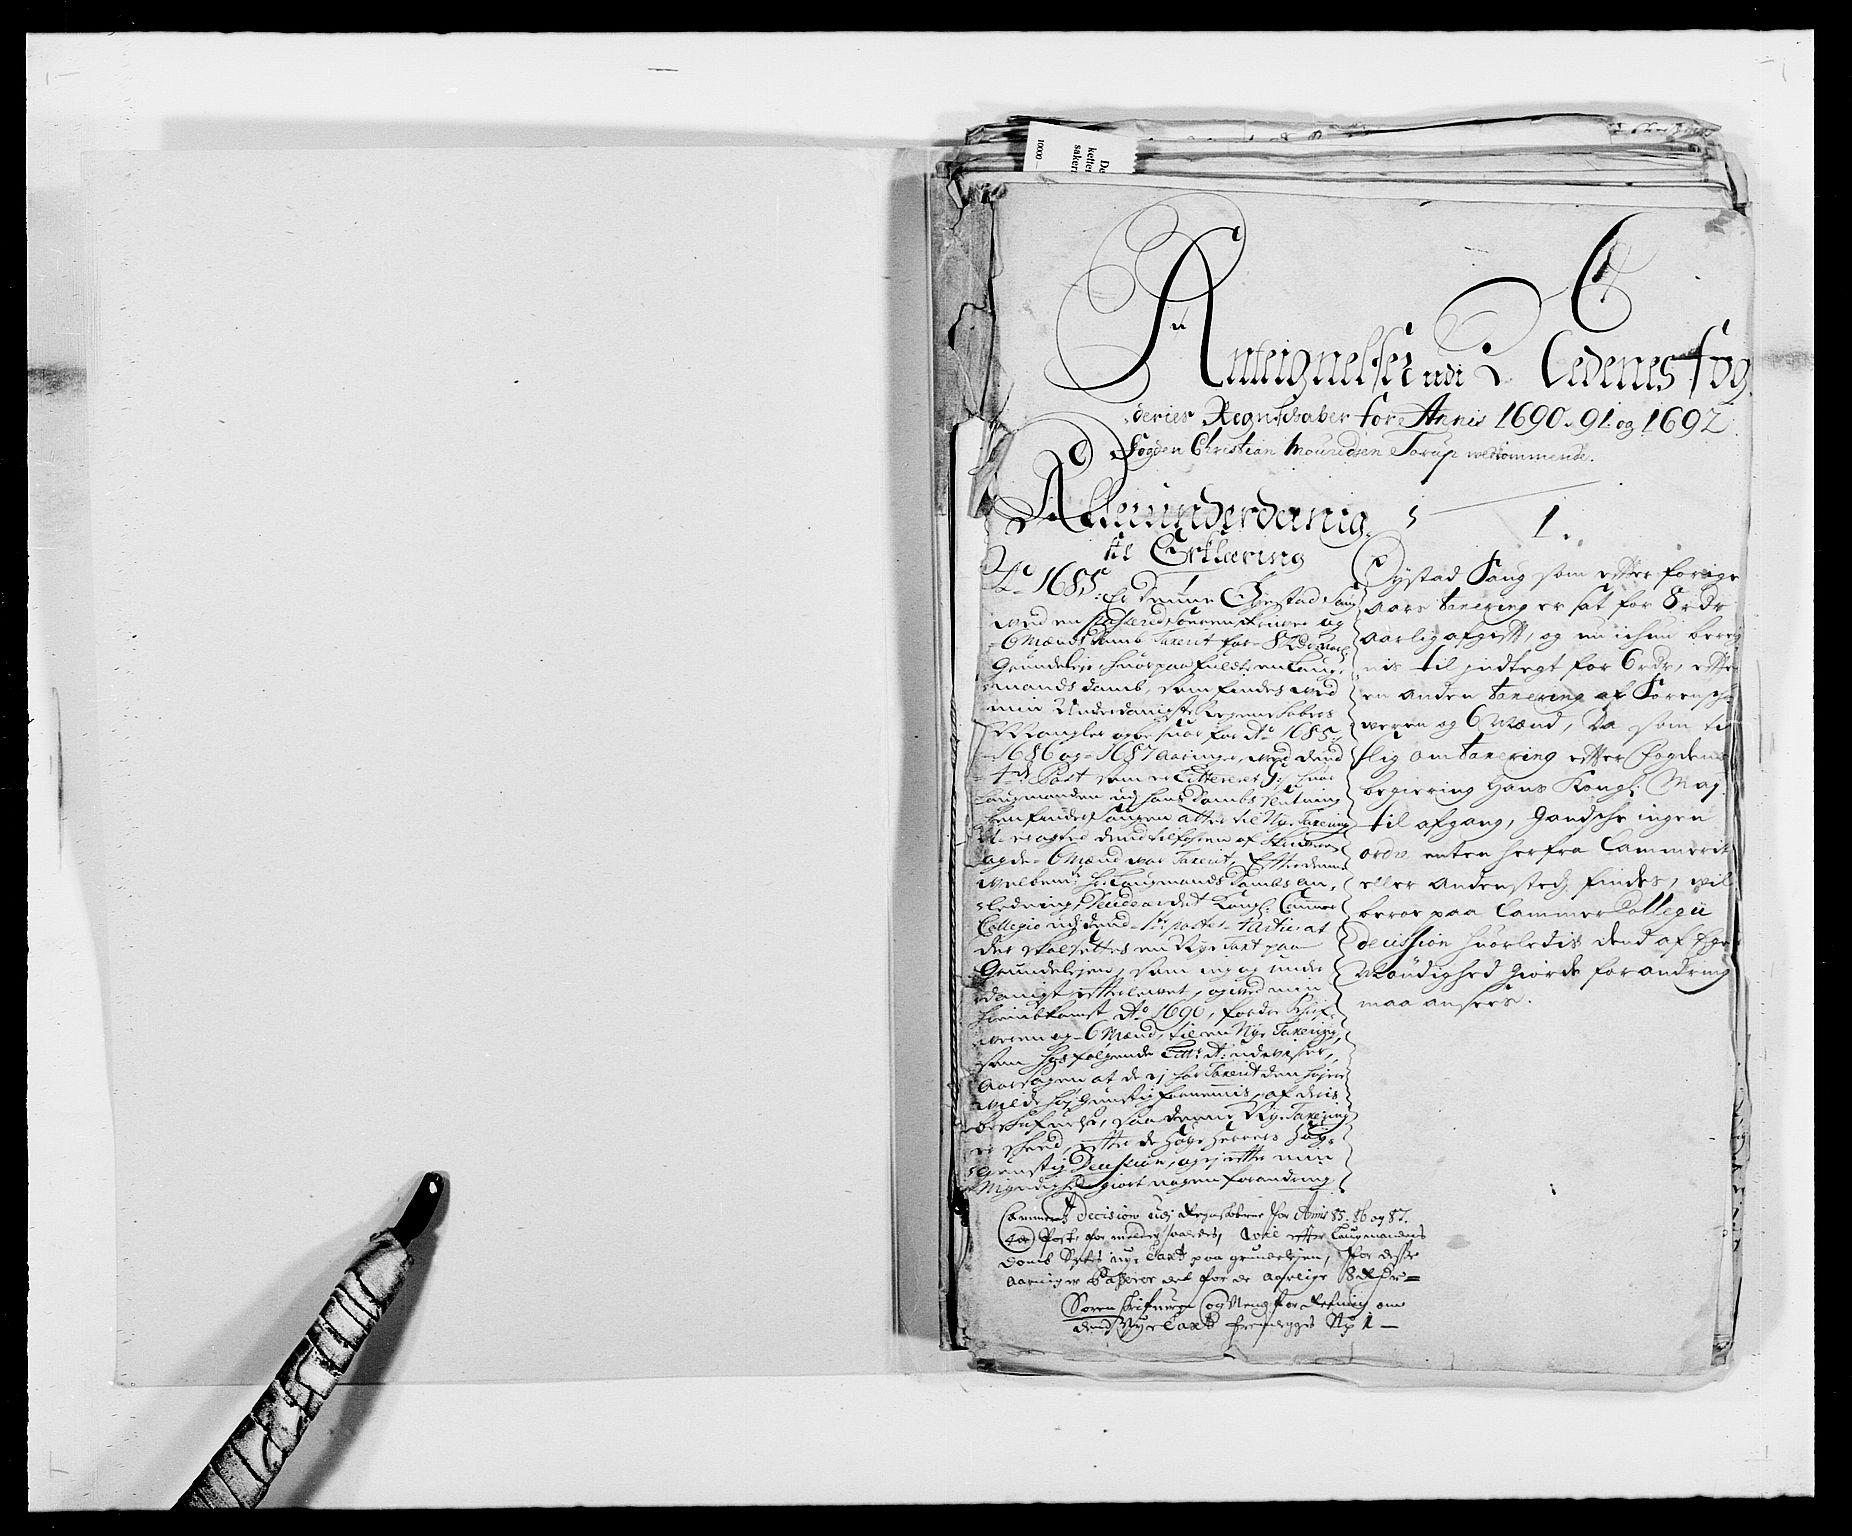 RA, Rentekammeret inntil 1814, Reviderte regnskaper, Fogderegnskap, R39/L2311: Fogderegnskap Nedenes, 1690-1692, s. 324